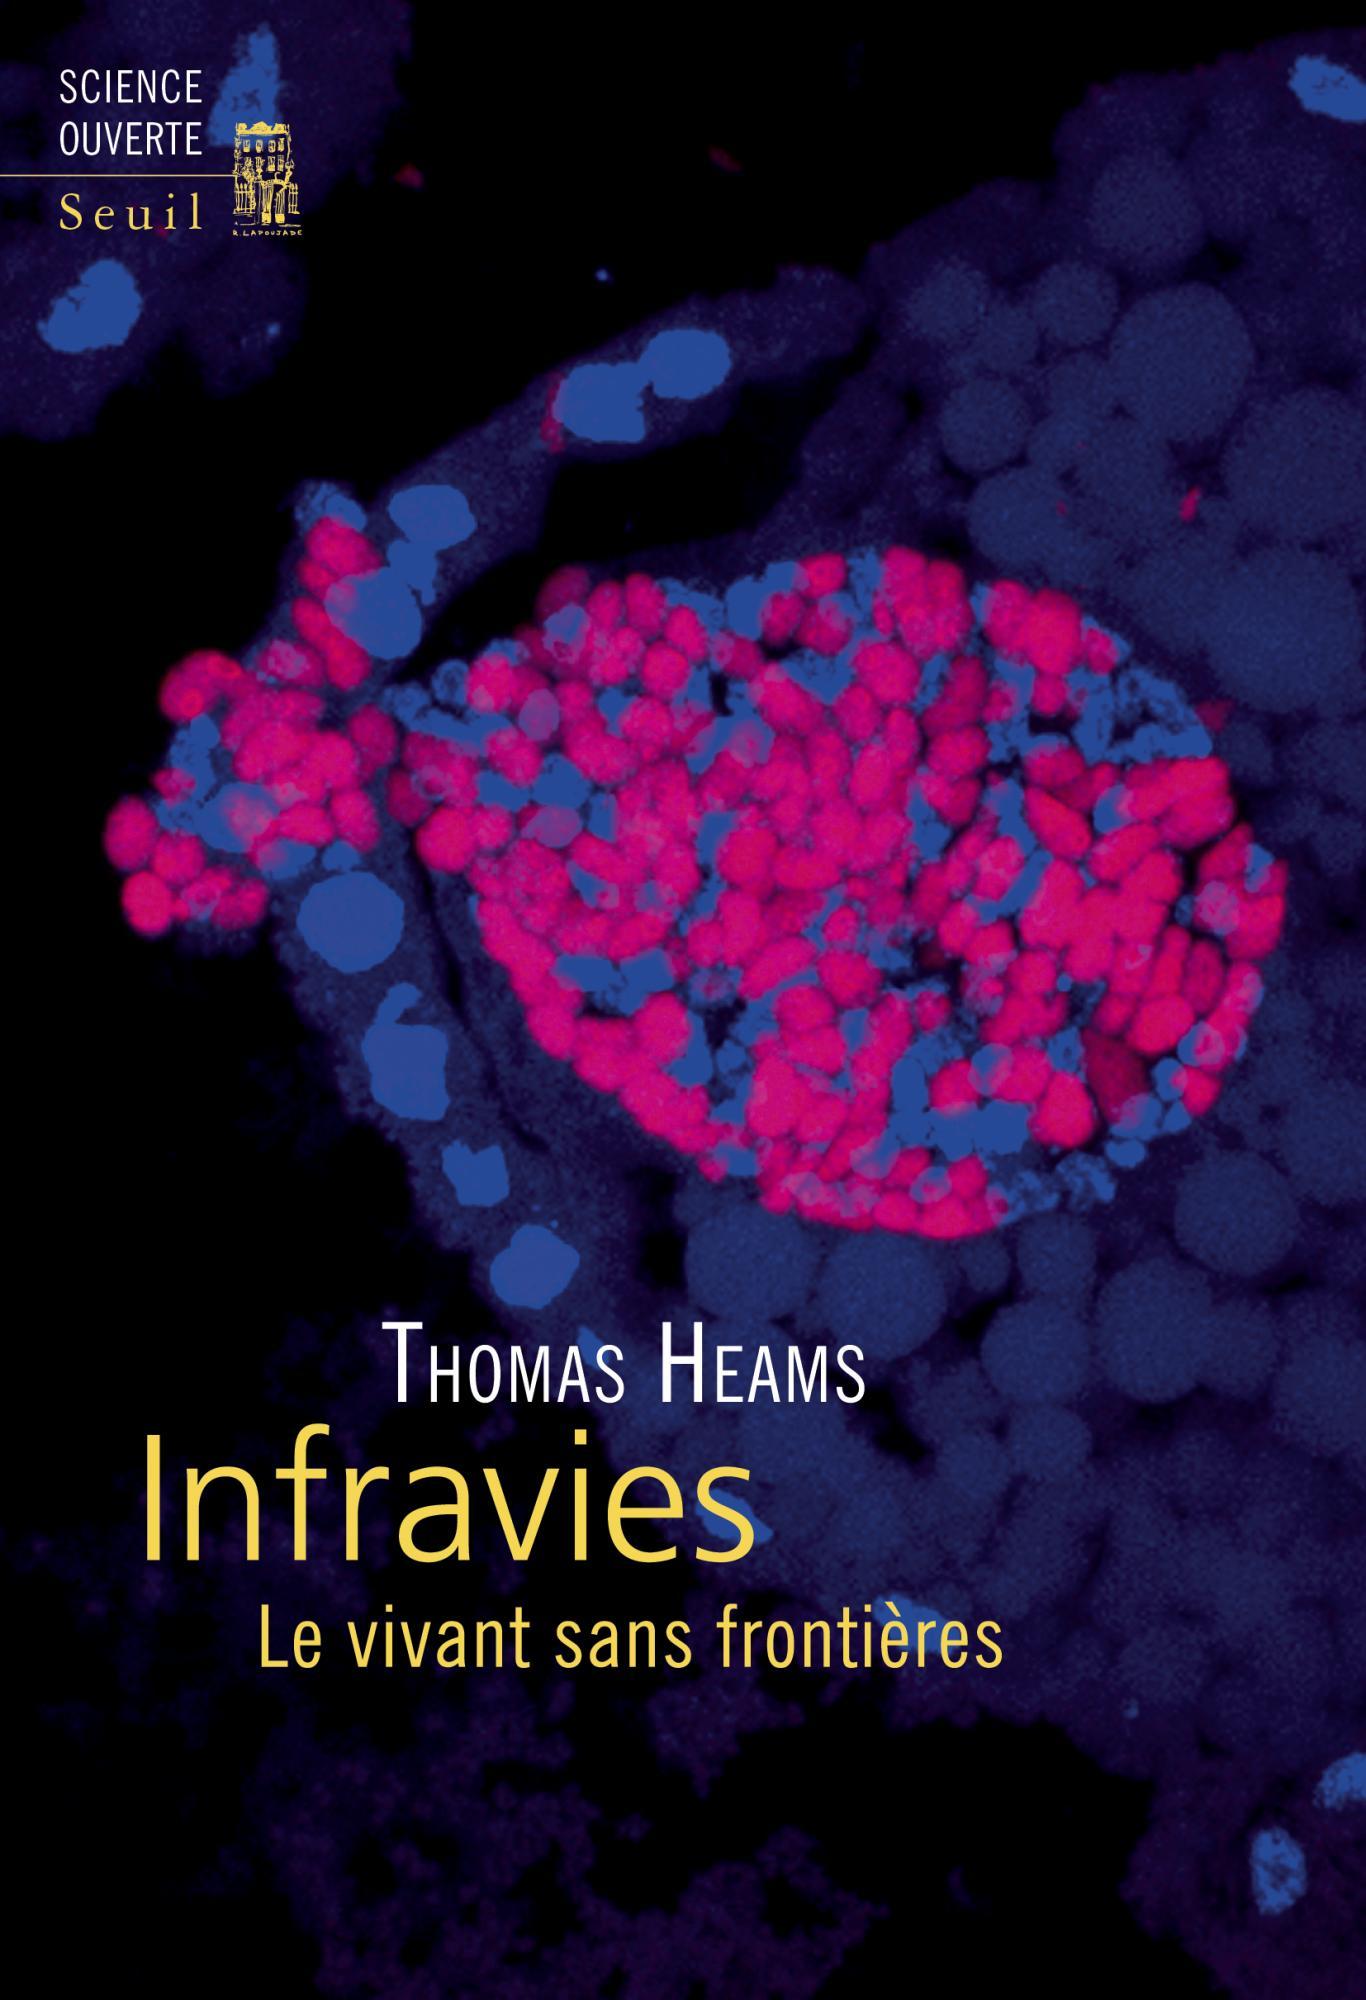 Infravies. Le vivant sans frontières (T. Heams, Seuil, 2019)